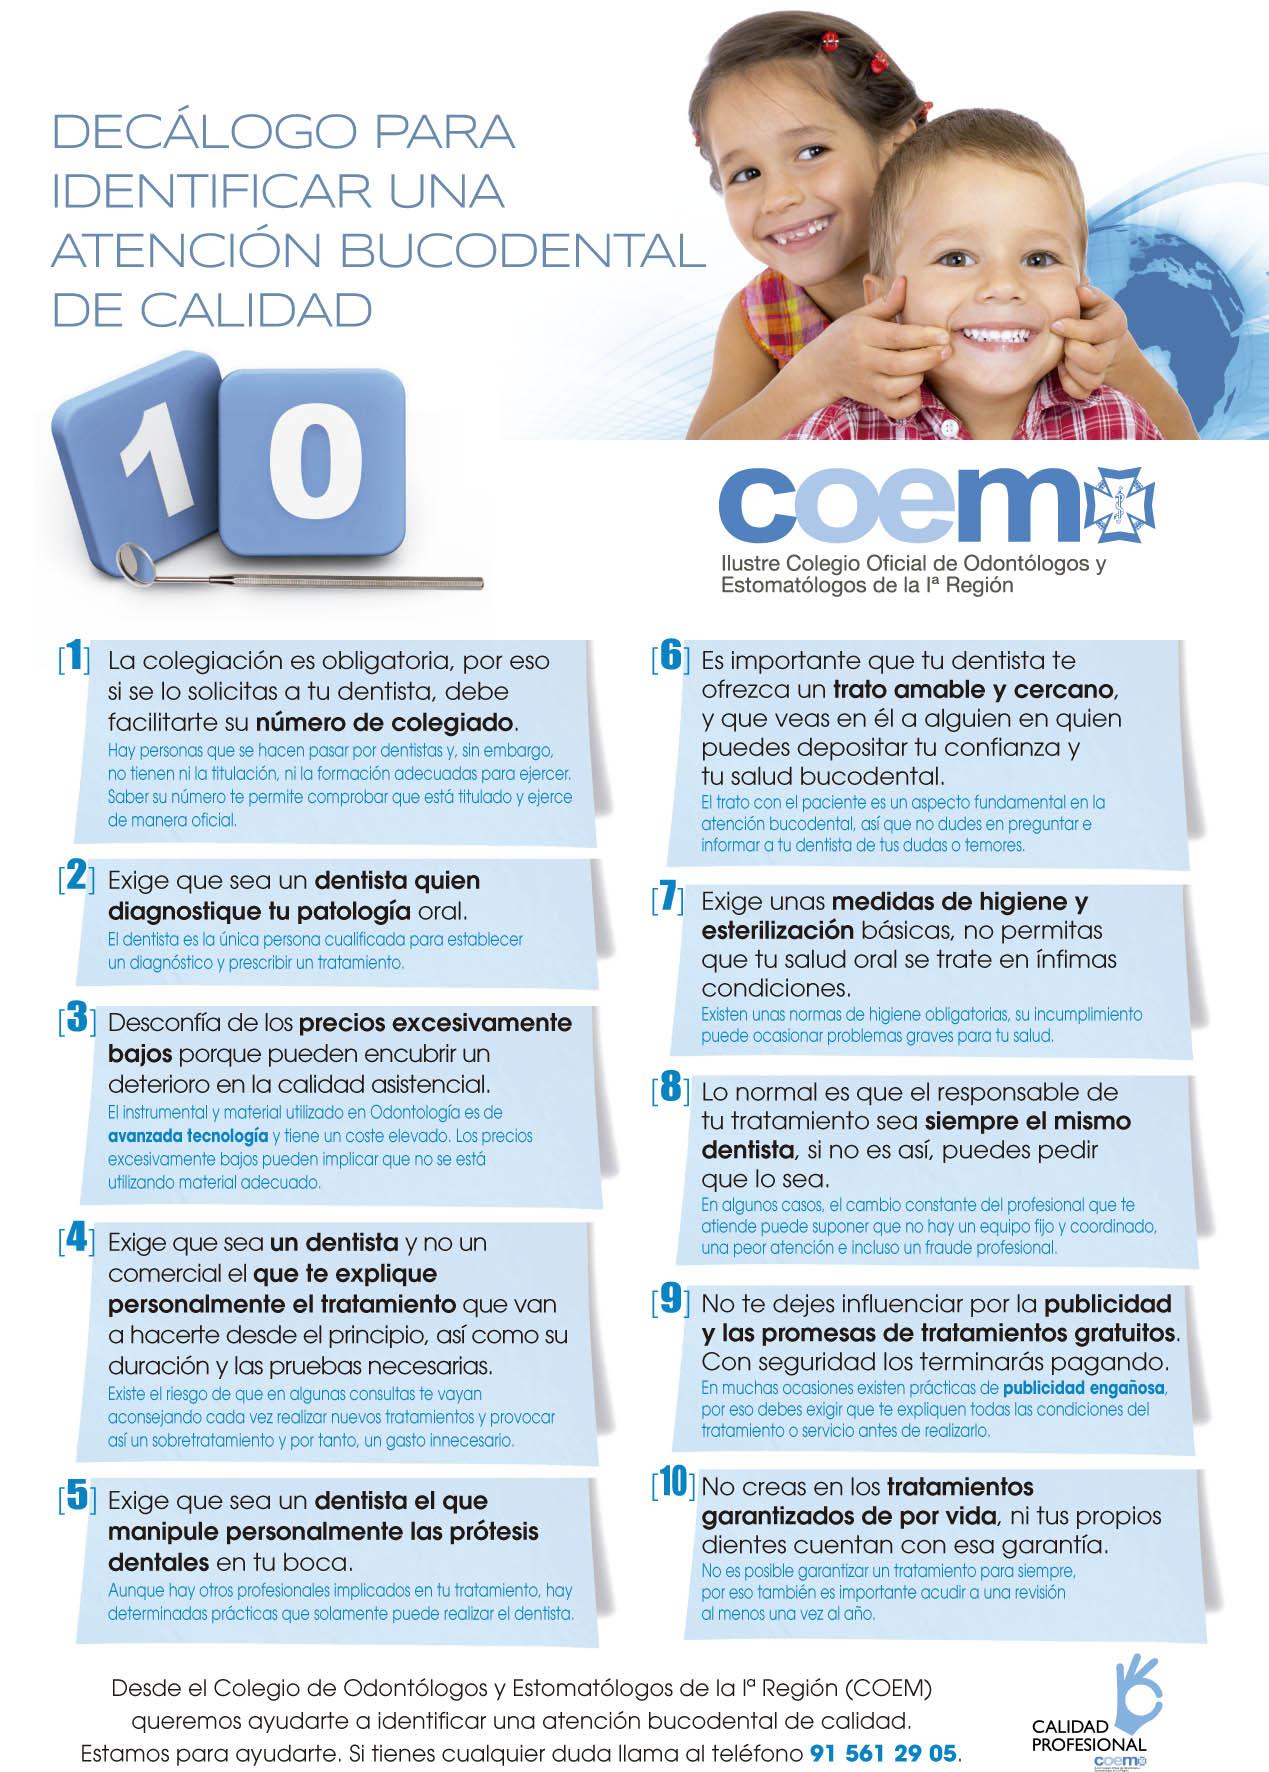 COEM cartel decalogo (cod-27)_MaquetaciÛn 1